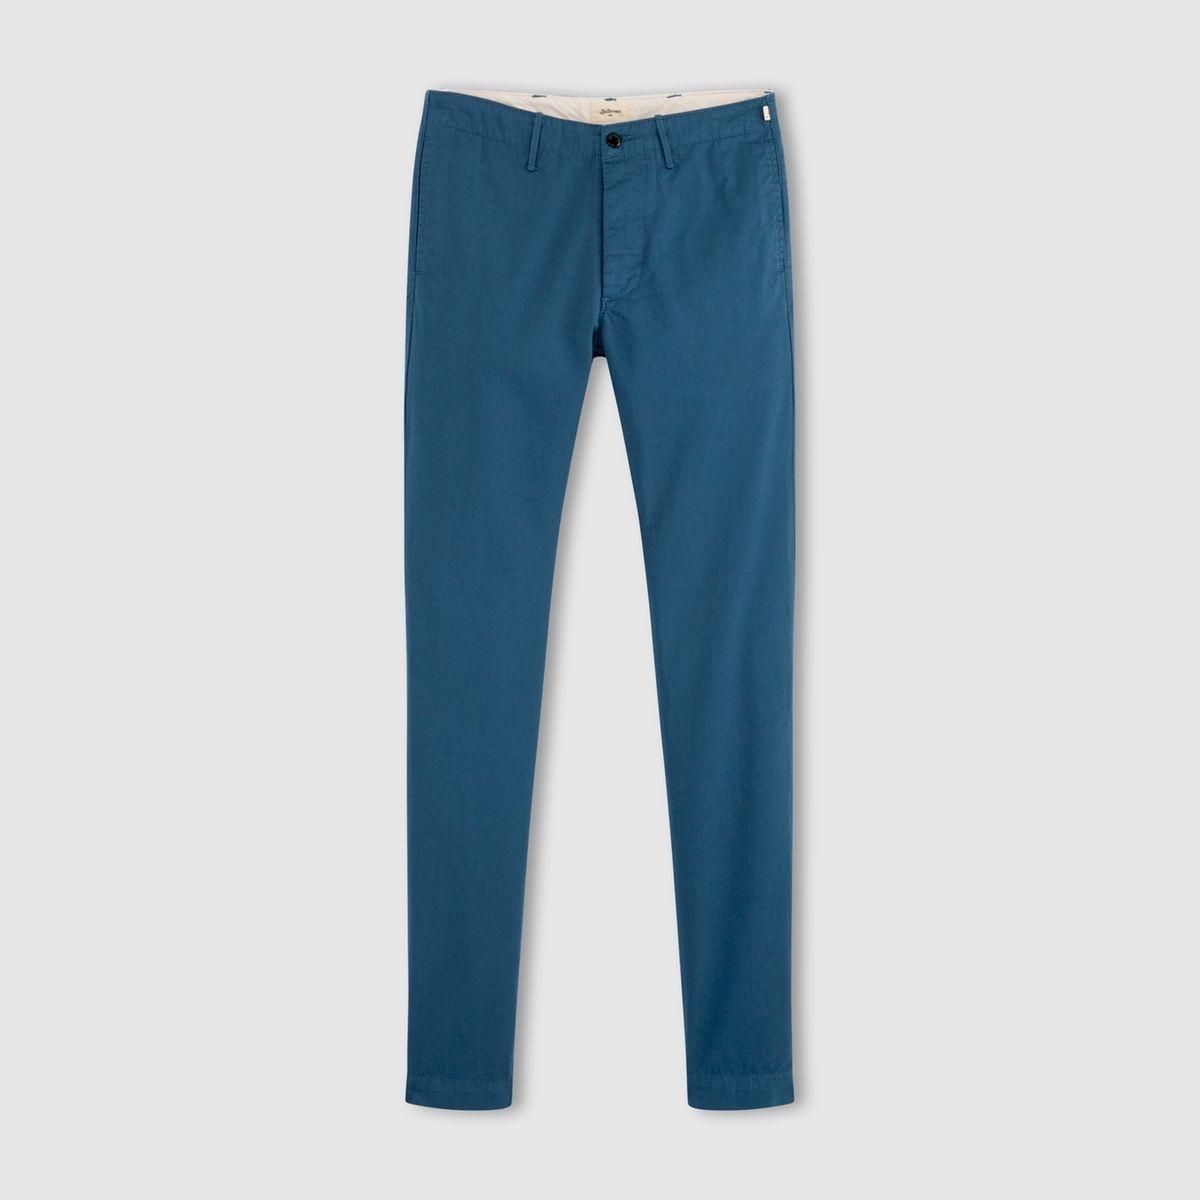 Pantalon PERTHPO